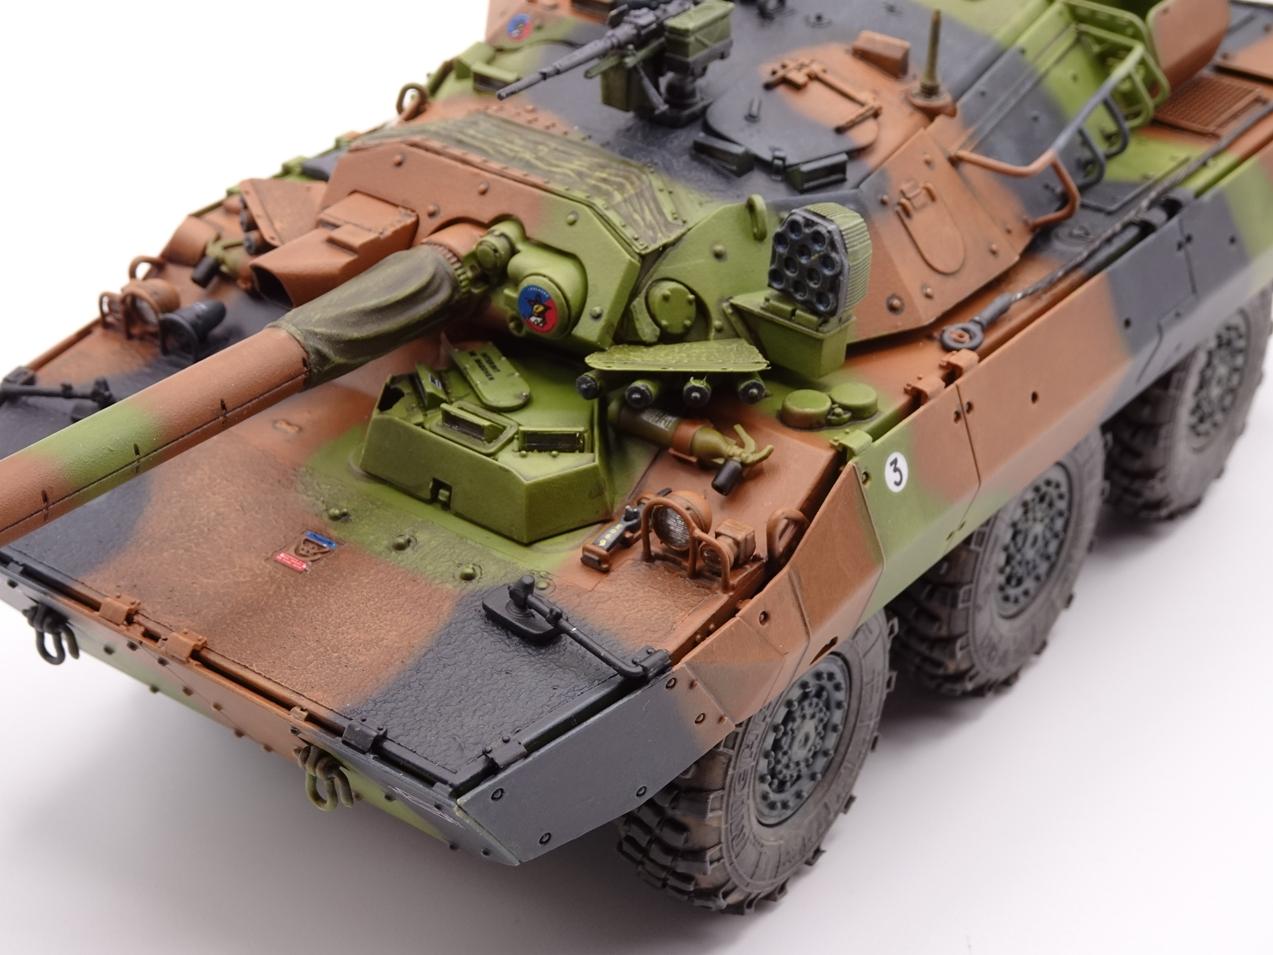 [Tiger Model] AMX-10RCR réf. 4602 - 1/35 - Page 4 Amx10-fin-4